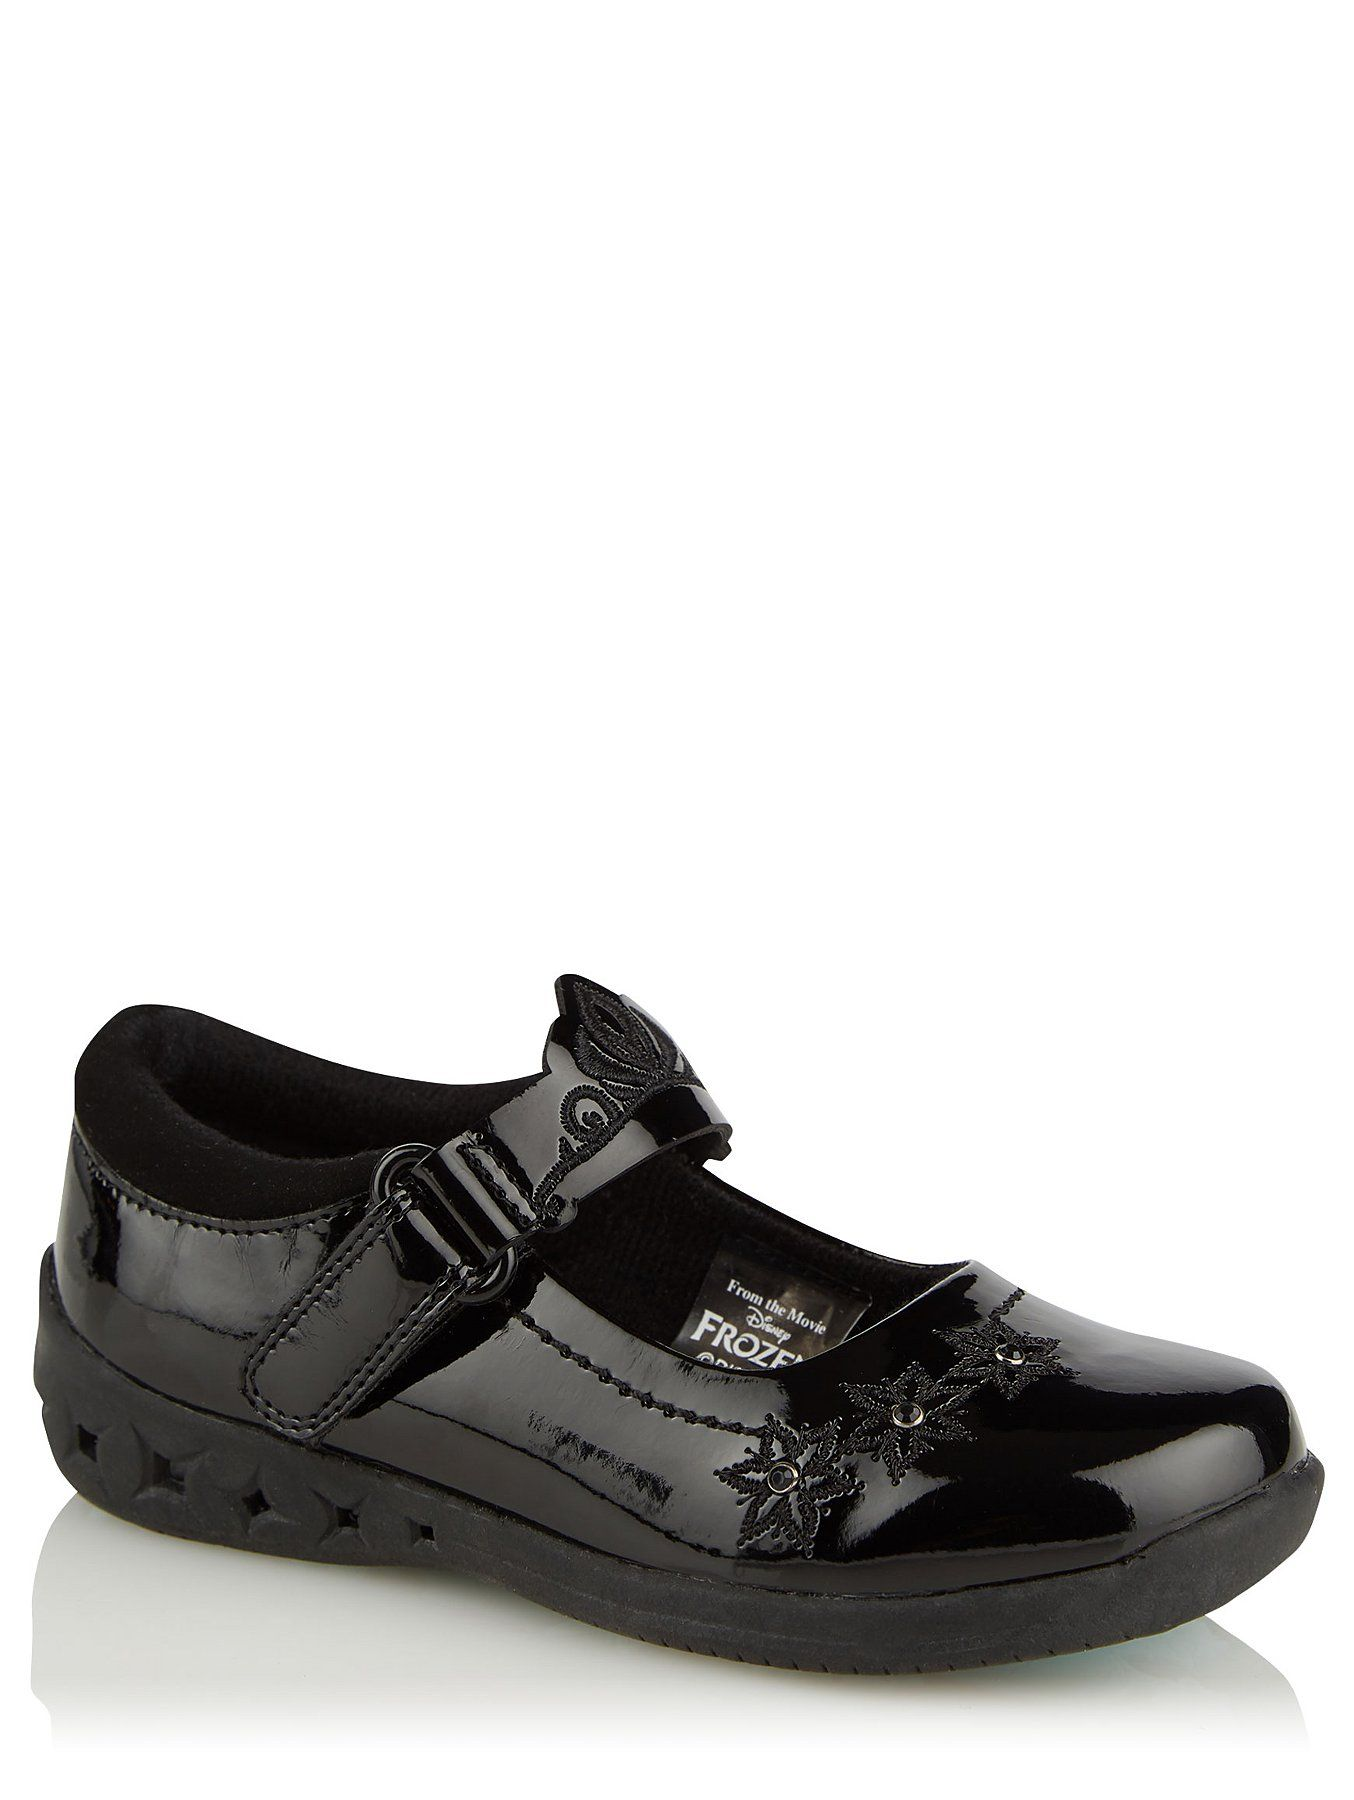 School shoes, Kids dress shoes, Kid shoes